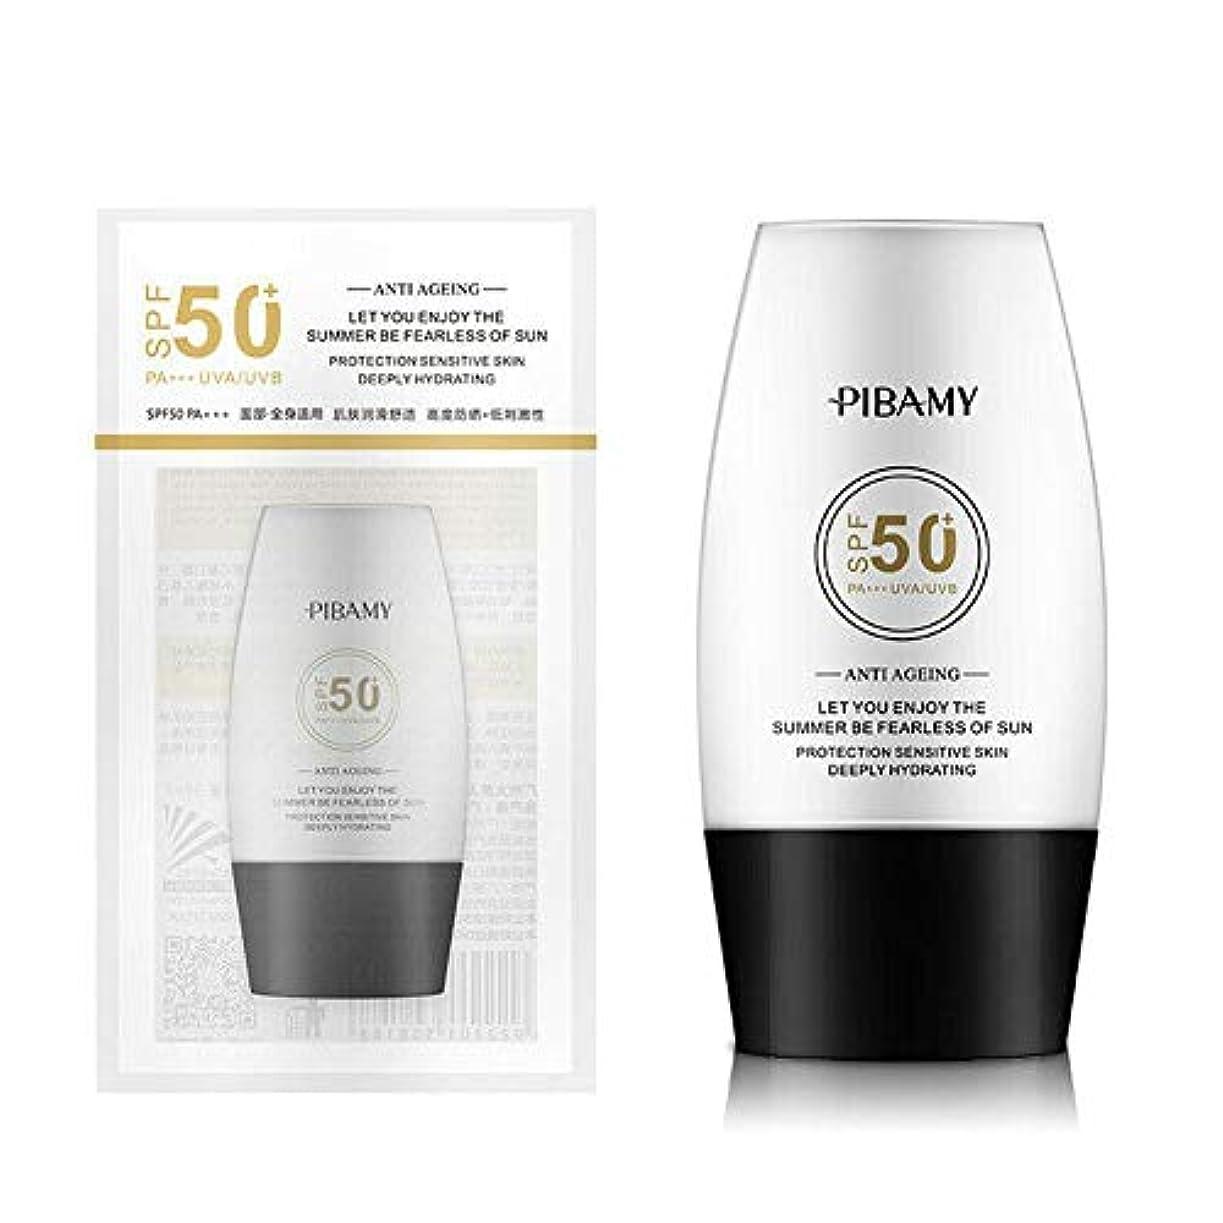 ペダル前書きグッゲンハイム美術館BETTER YOU (ベター ュー) 日焼けどめクリーム 顔 全身用 防水 紫外線を防ぐ 肌を明るくする 水分を補充する